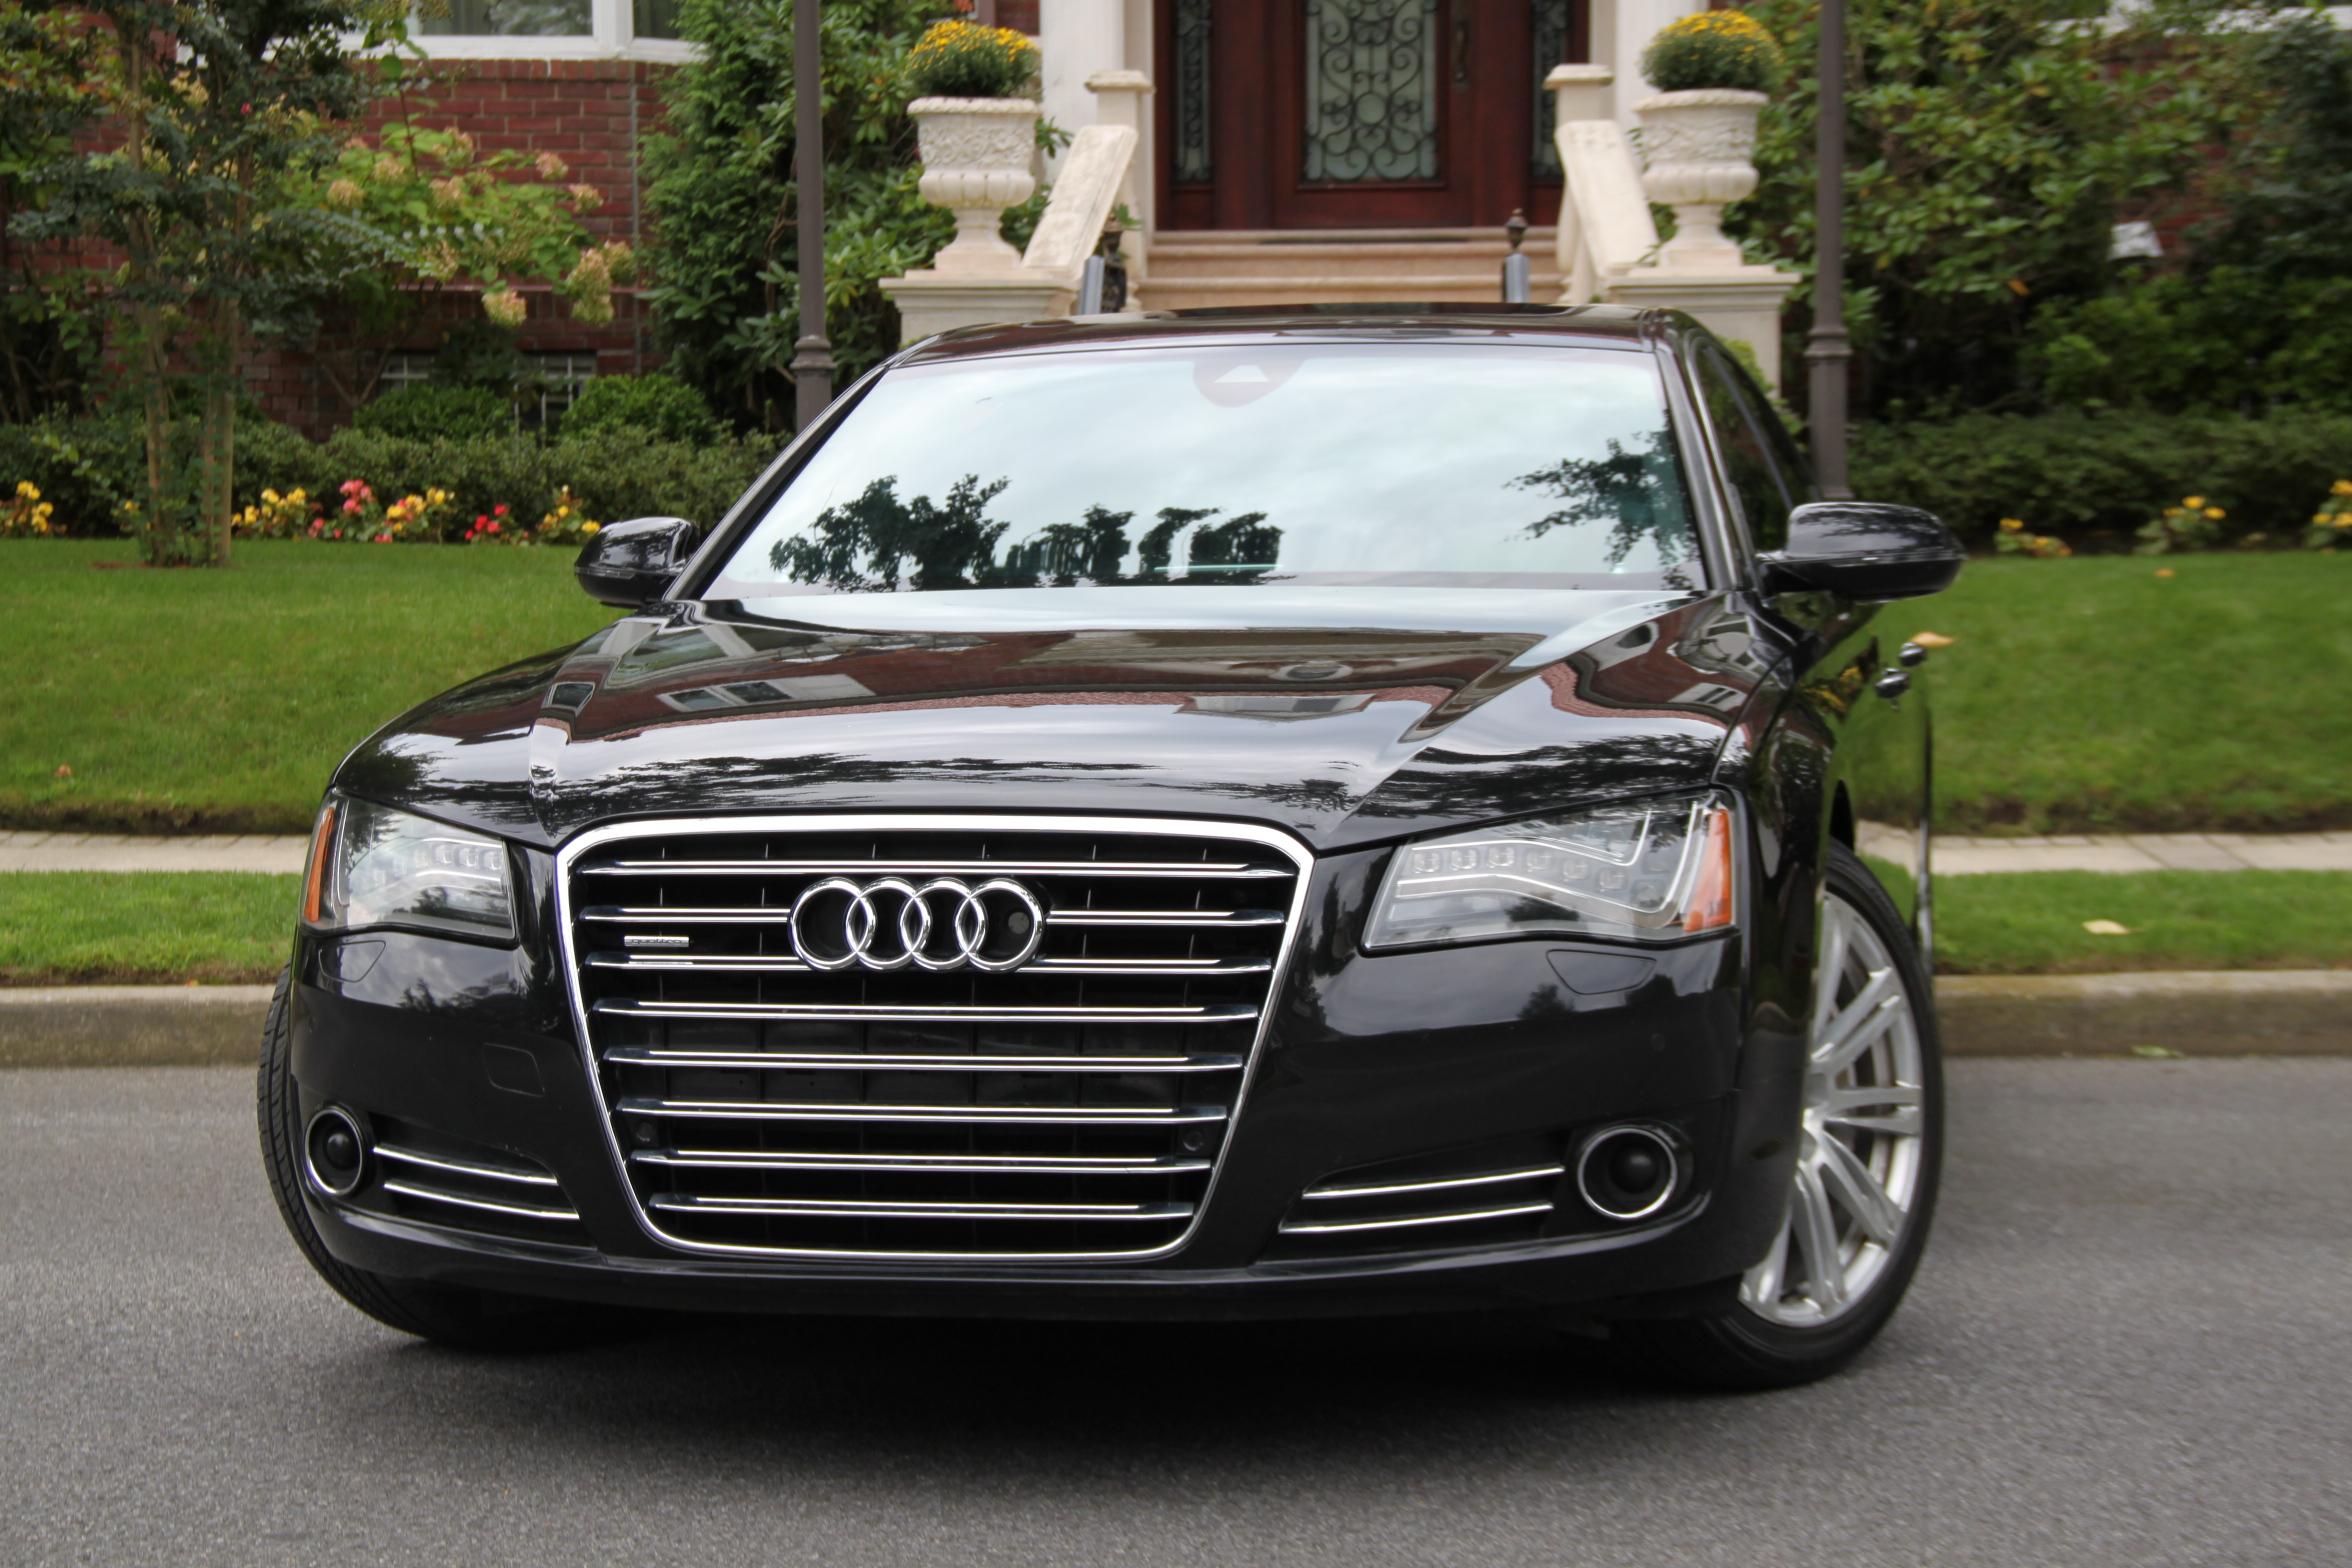 Kekurangan Audi A8 2012 Harga